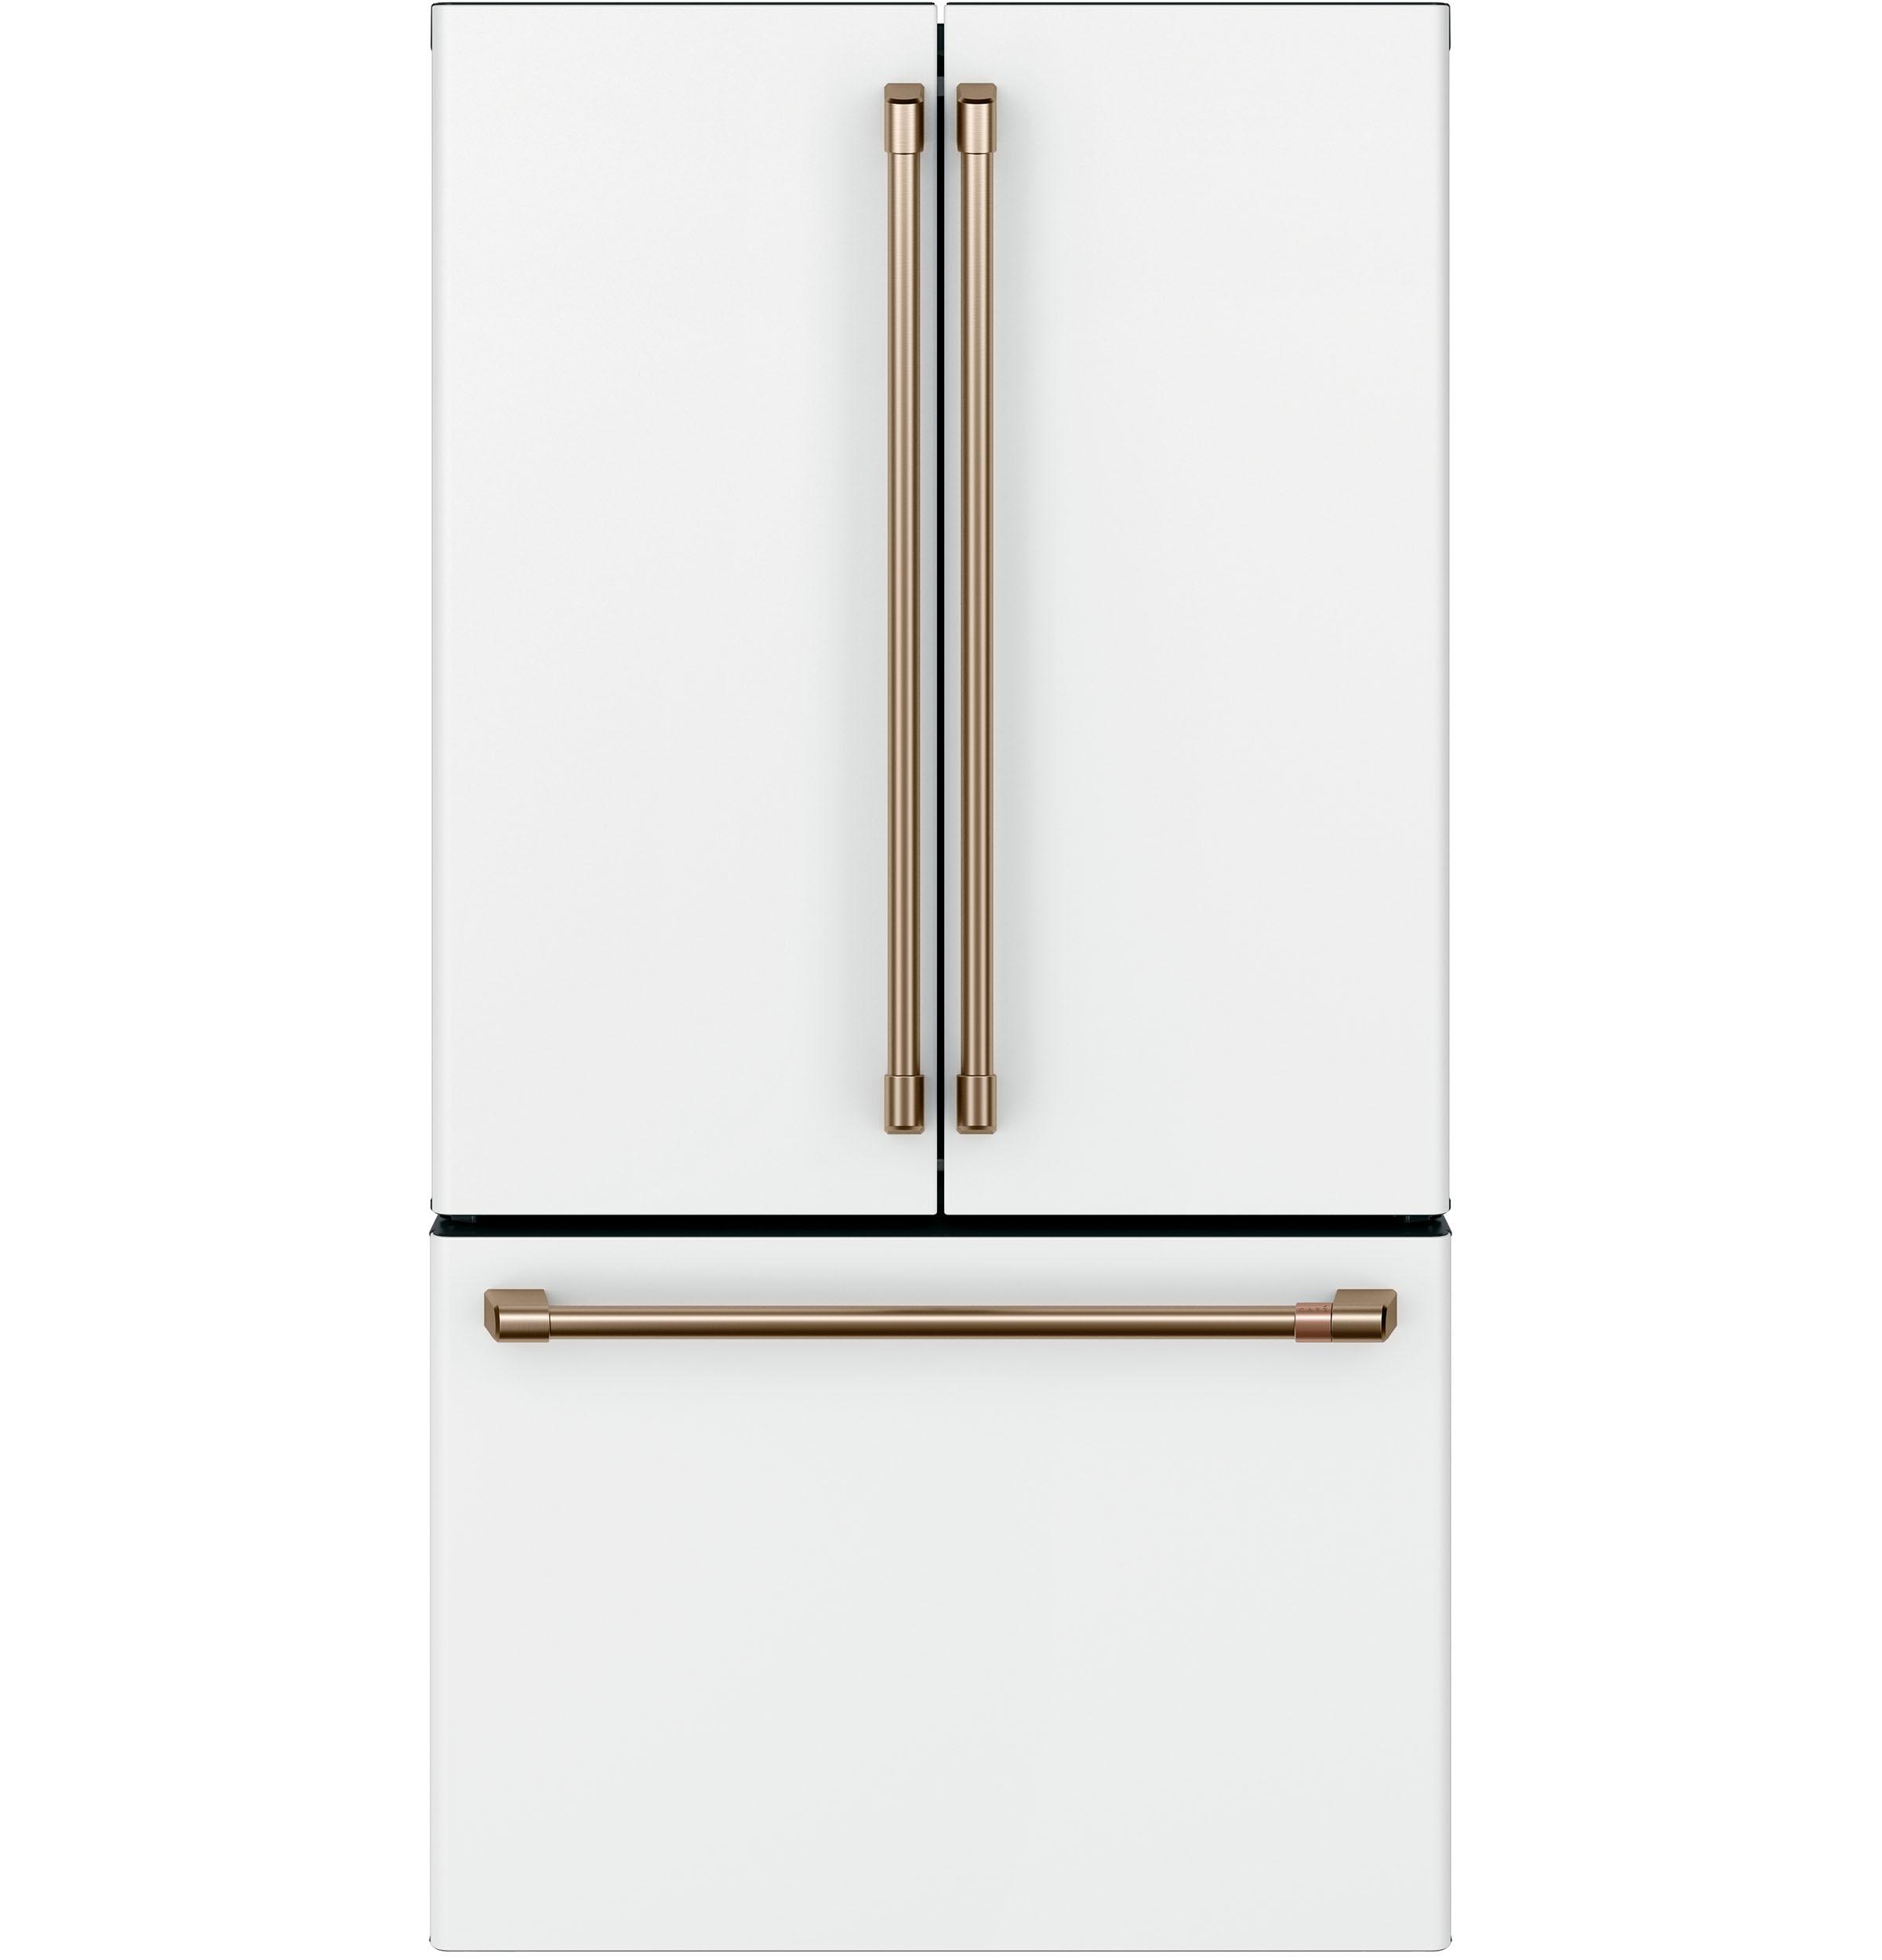 Café™ ENERGY STAR® 23.1 Cu. Ft. Counter-Depth French-Door Refrigerator